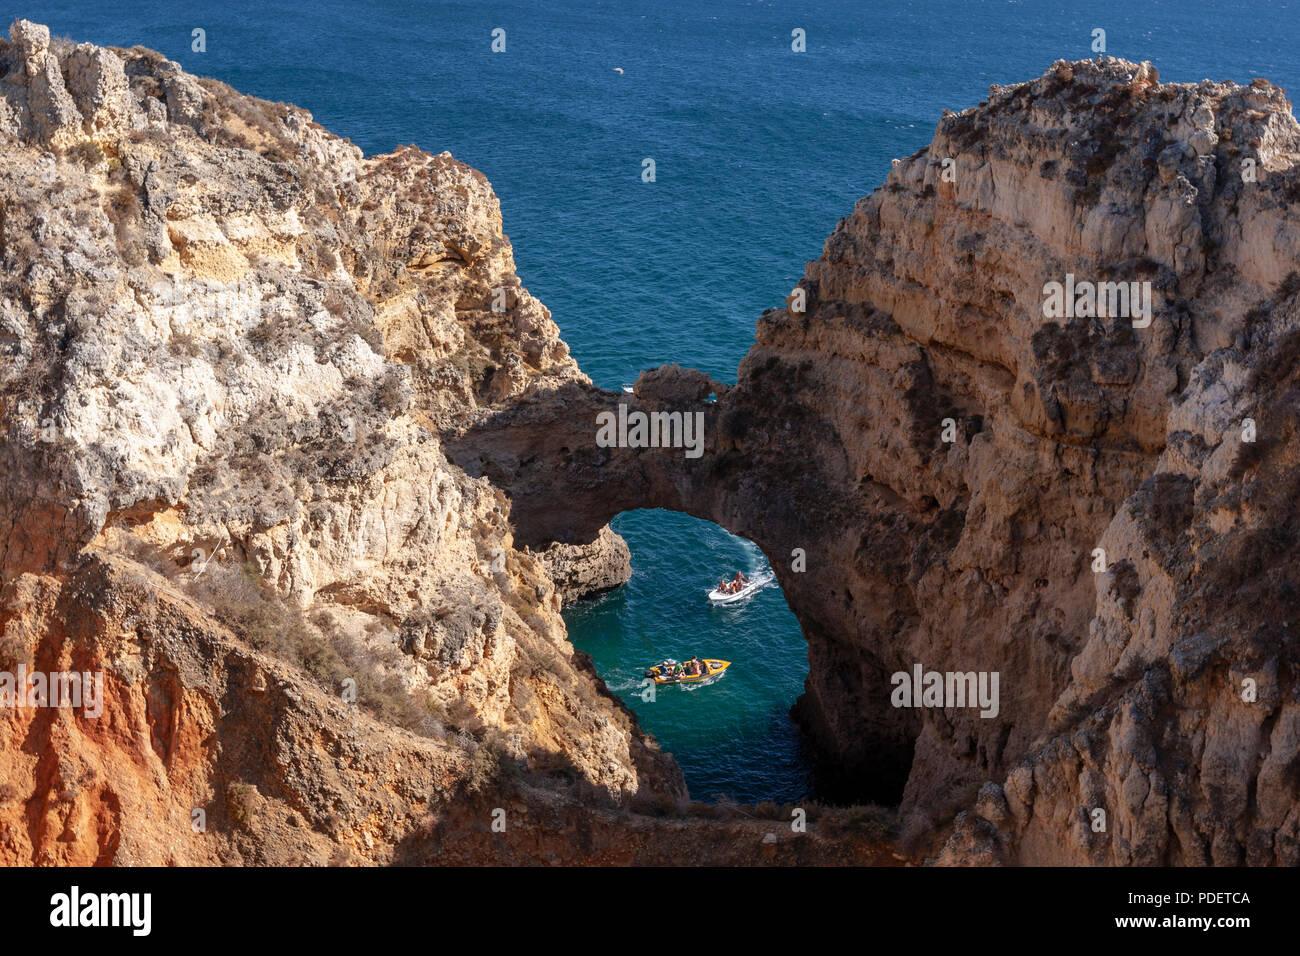 Tourists boats in a rocky arch in the rugged coastlines and sandstone cliffs near Farol da Ponta da Piedade, Lagos, Algarve, Portugal - Stock Image